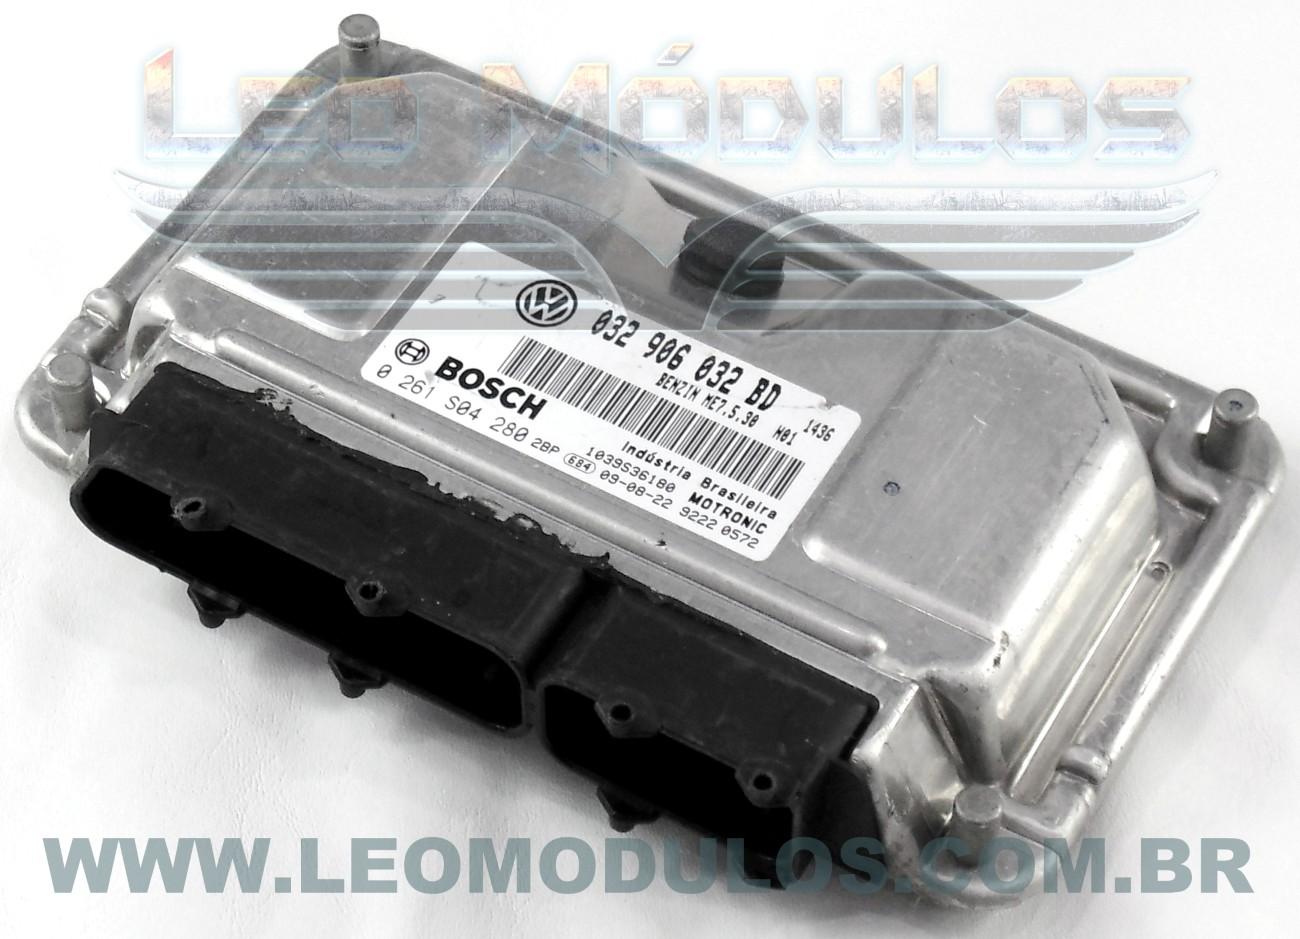 Módulo de injeção bosch ME7.5.30 - 0261S04280 032906032BD - Fox Gol 1.6 8V Flex - 0 261 S04 280 - Leo Módulos